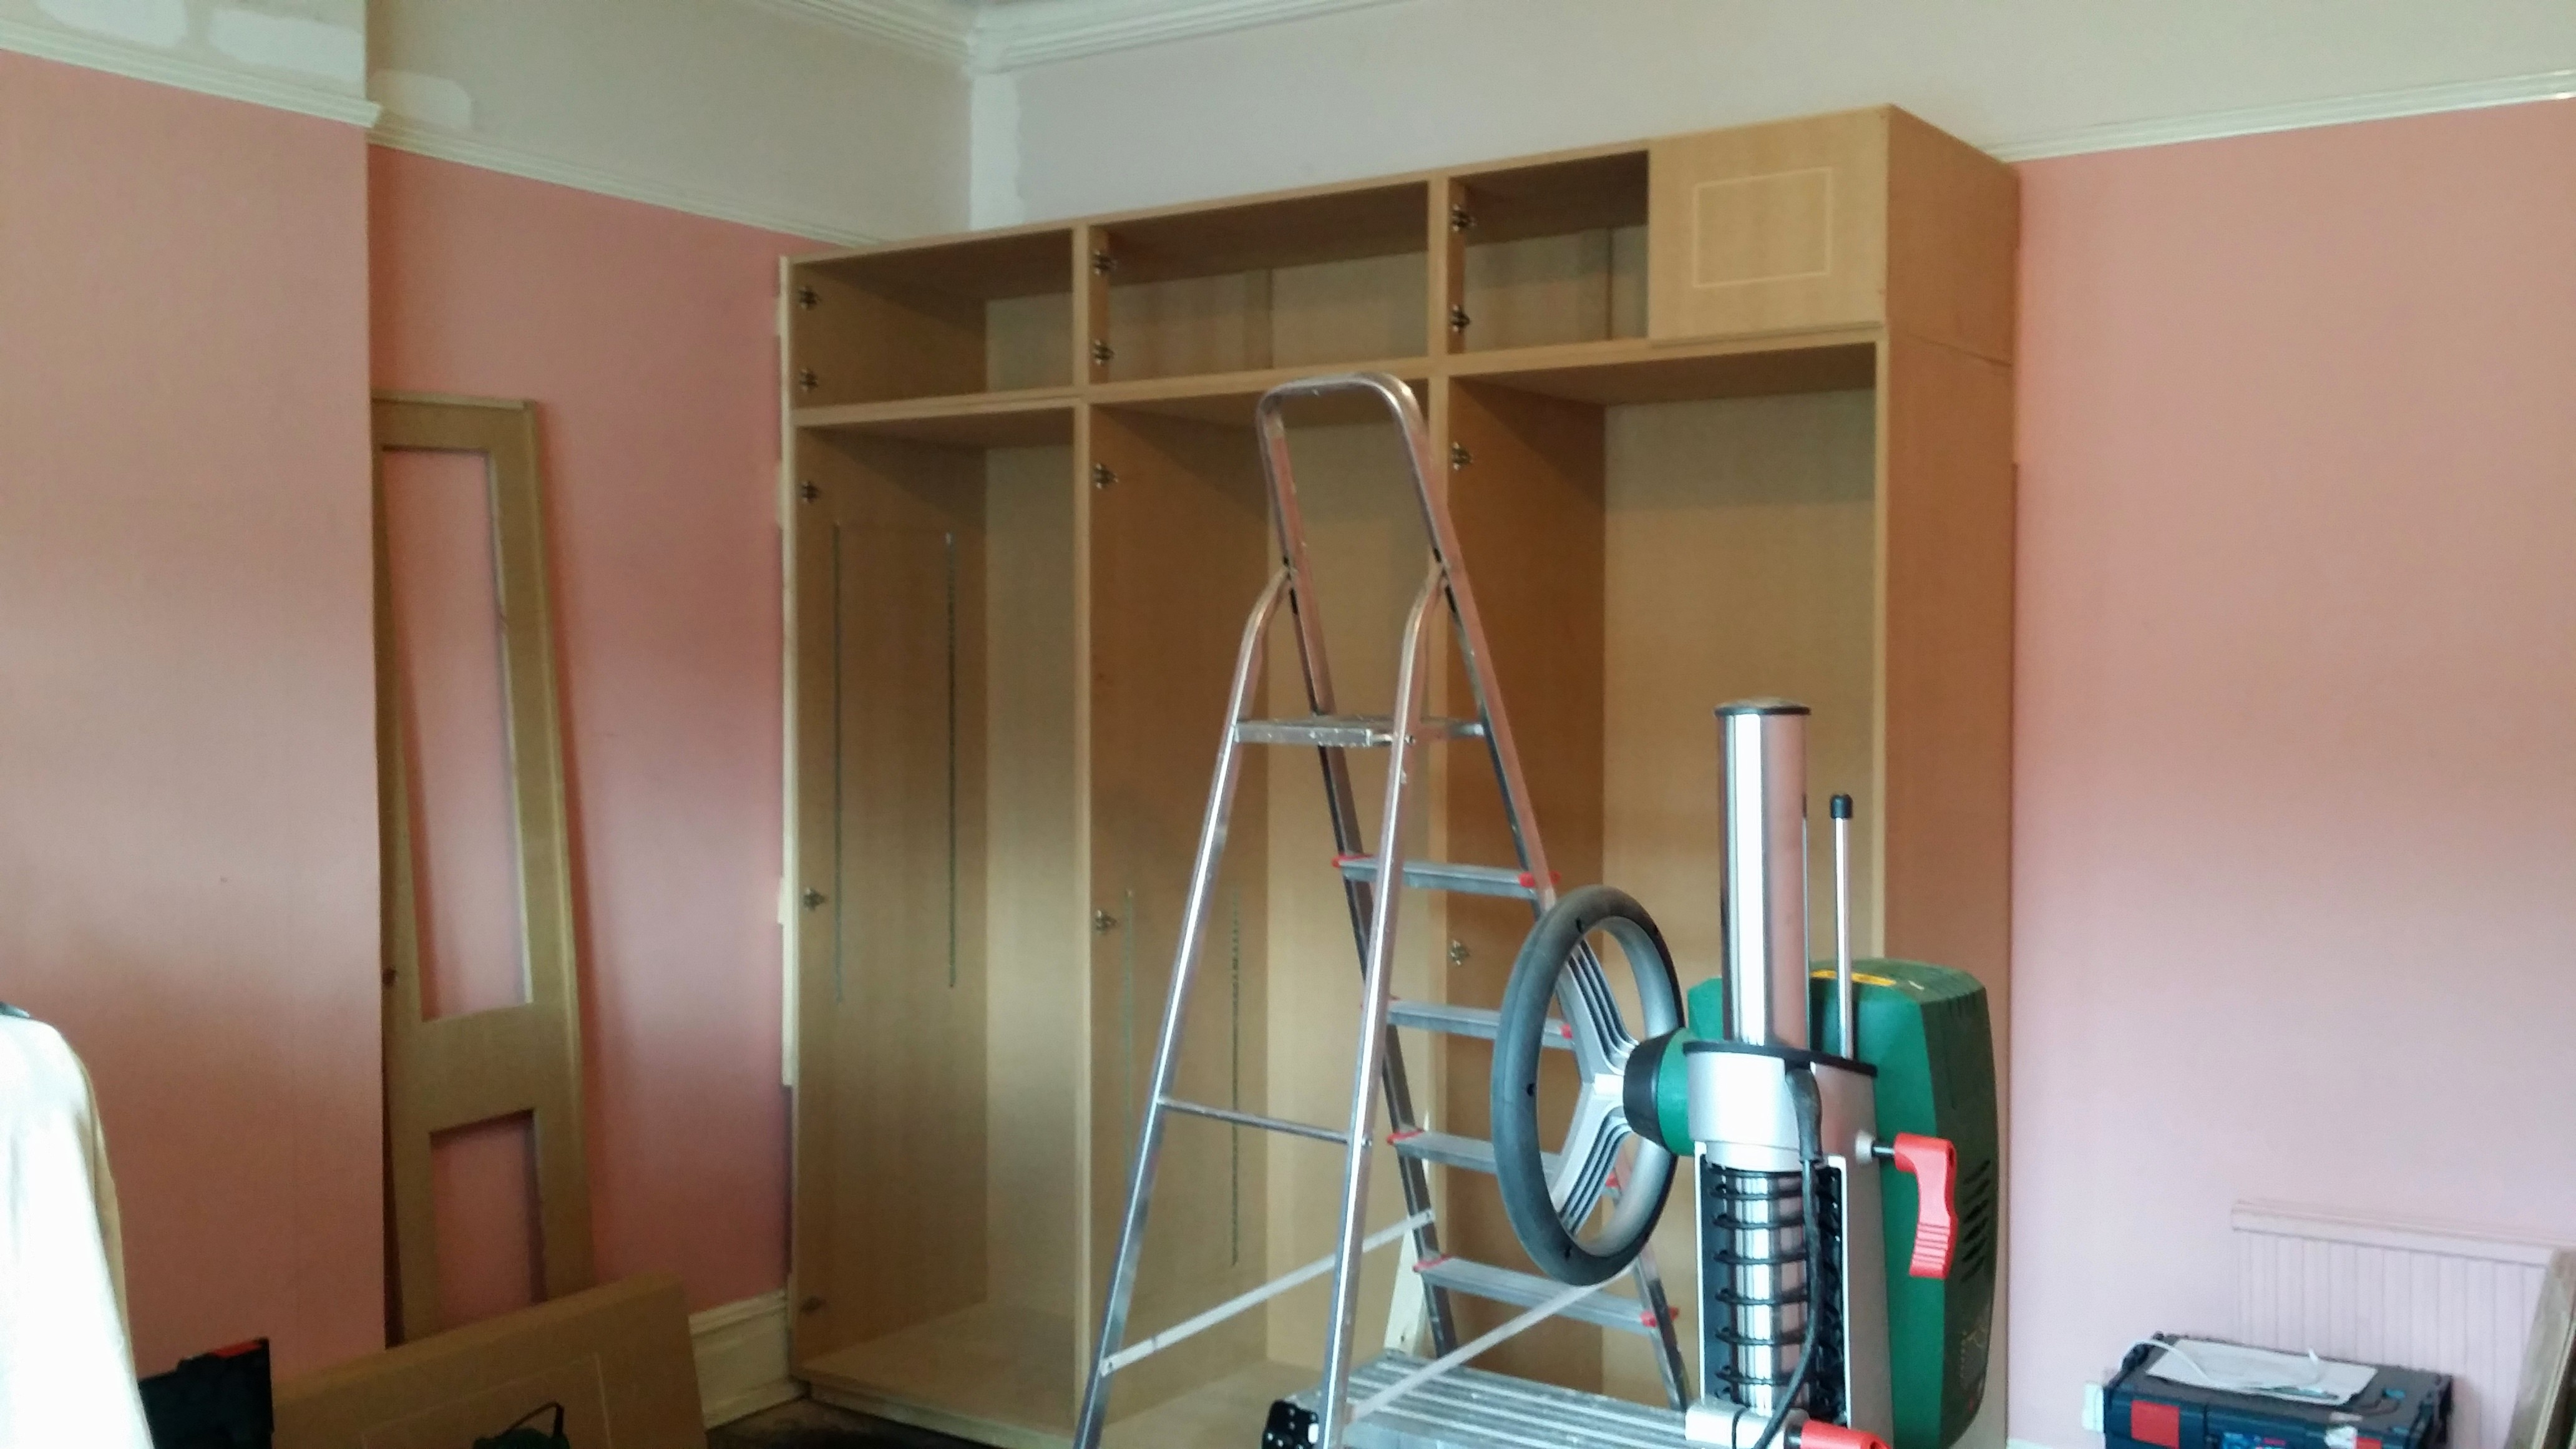 Bespoke Joinery Fitted Wardrobe Cupboard